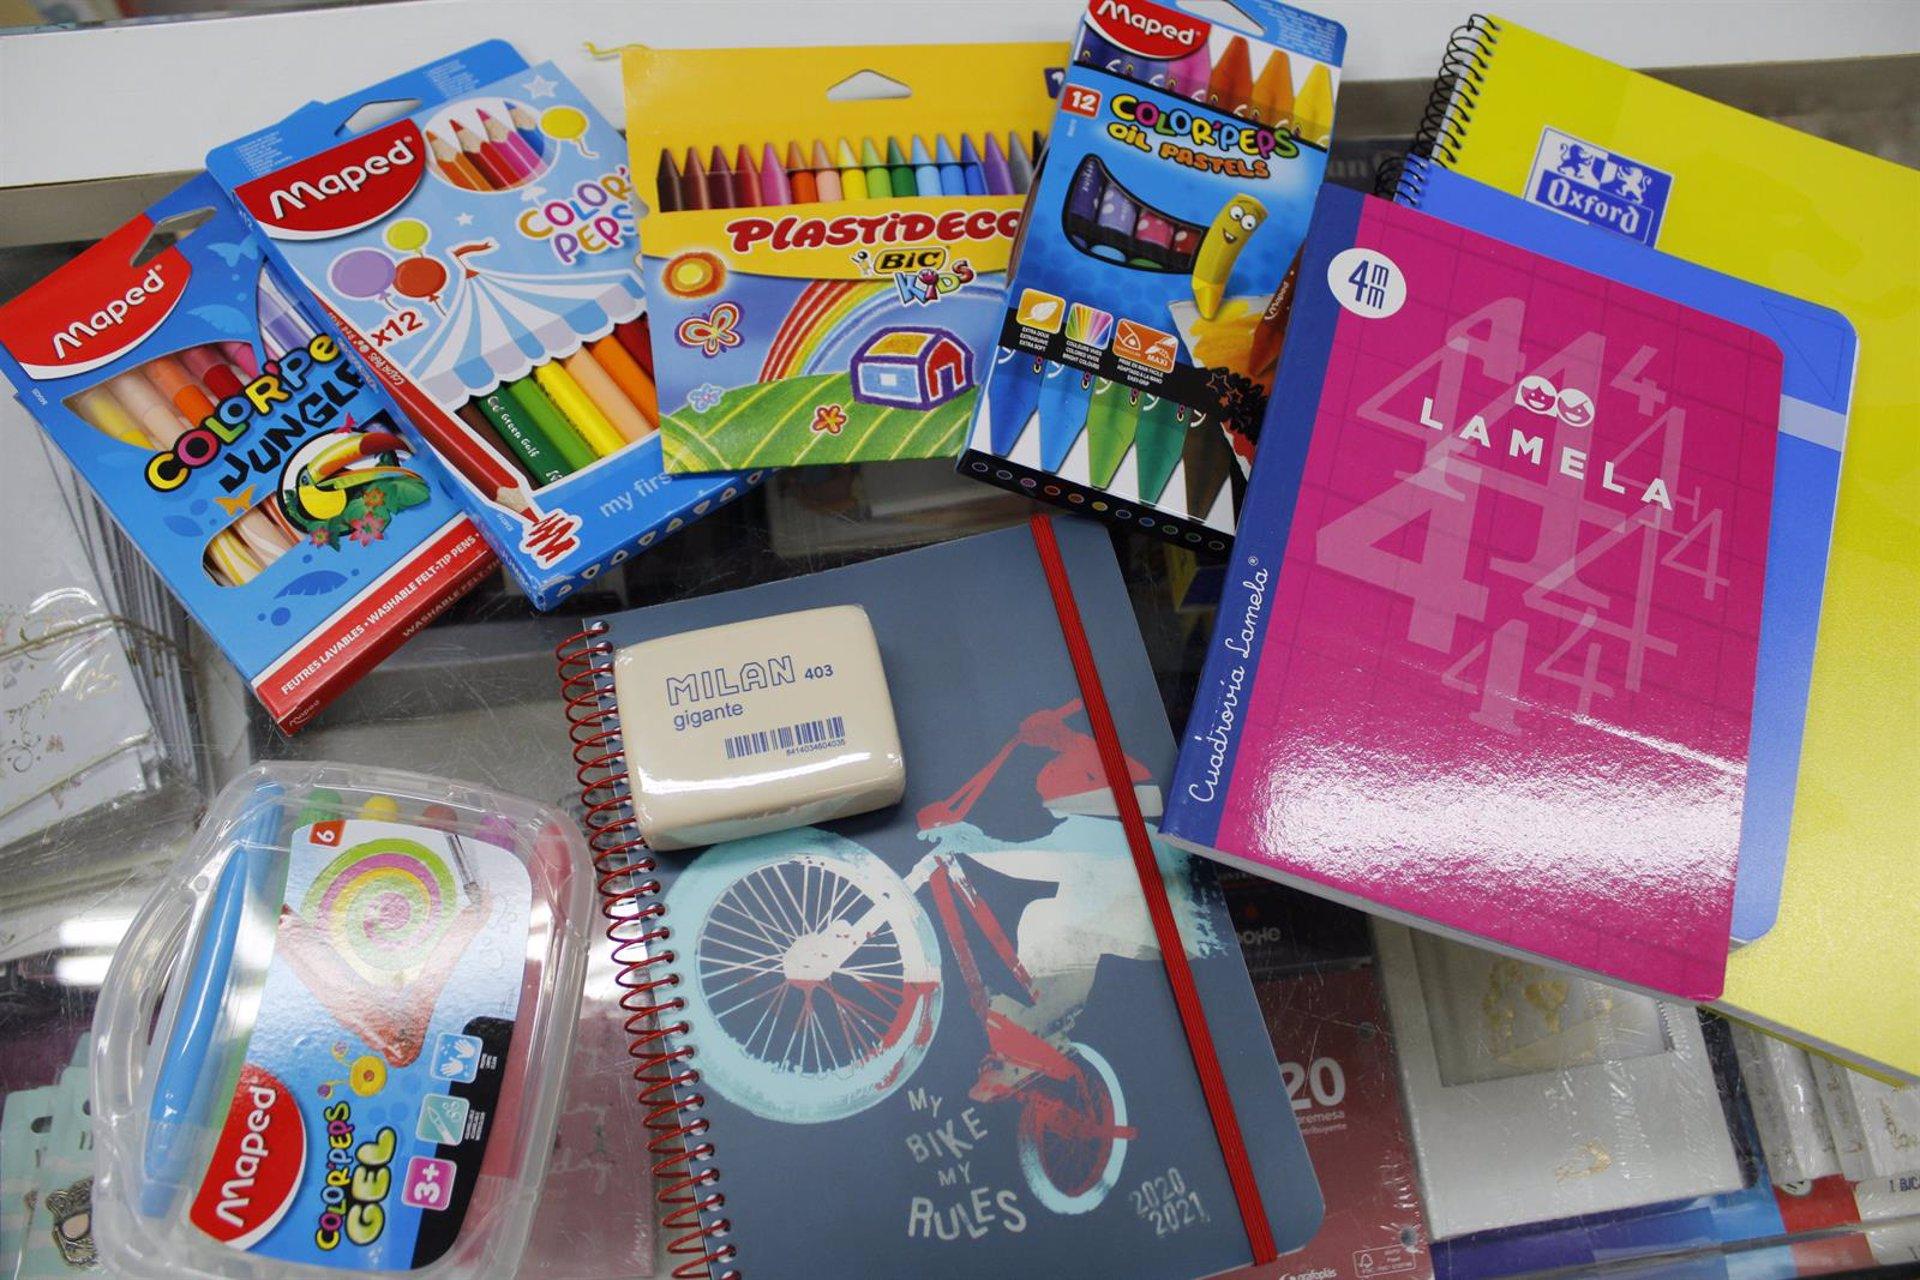 Sevilla.-Alcalá de Guadaíra abre el plazo de solicitud de ayudas para la adquisición de material escolar